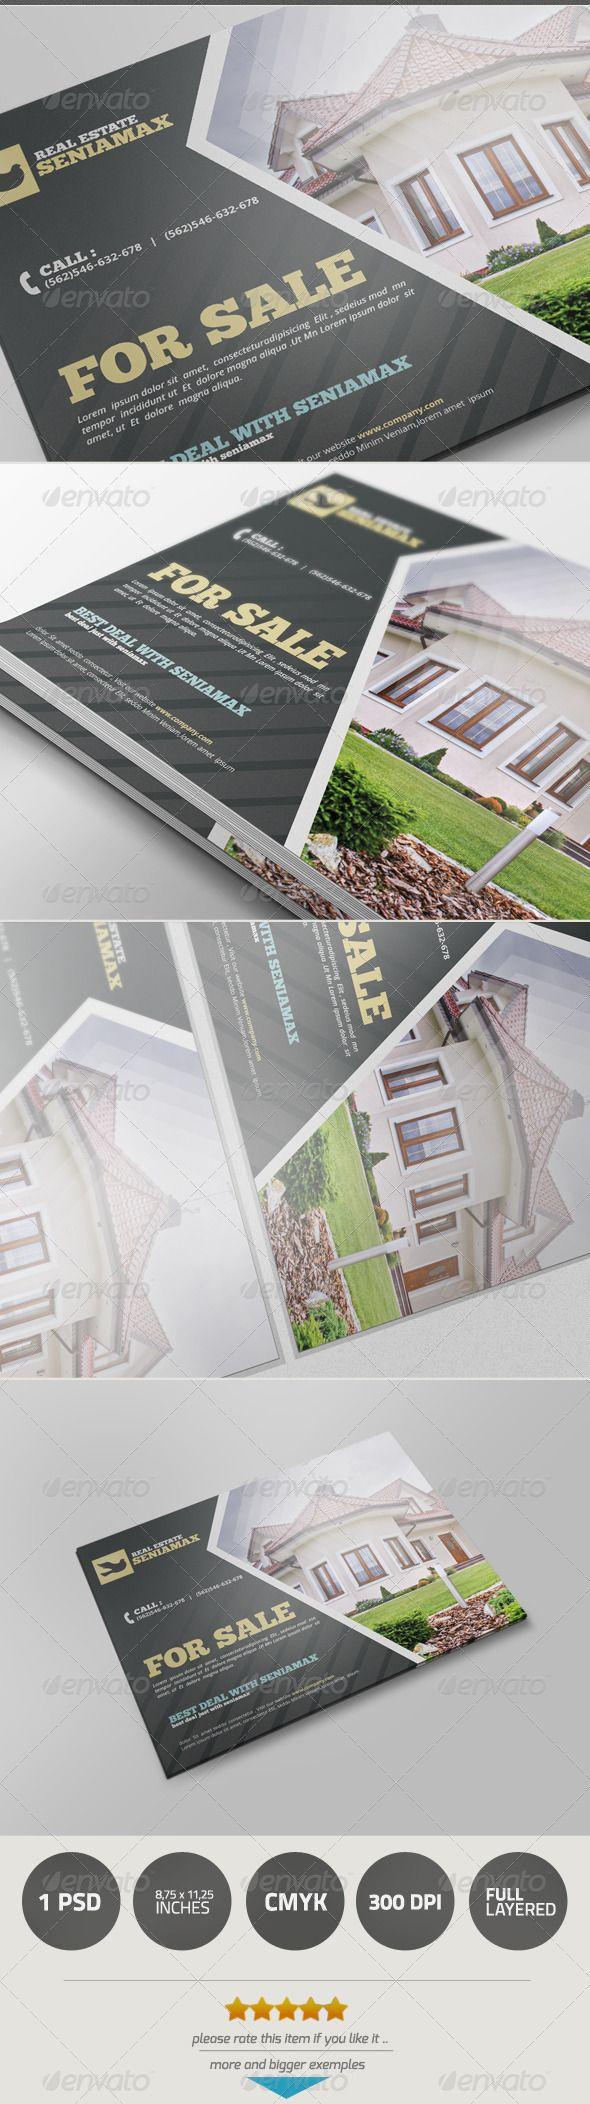 #Real #Estate V.3 - Commerce #Flyers Download here: https://graphicriver.net/item/real-estate-v3/4759322?ref=alena994